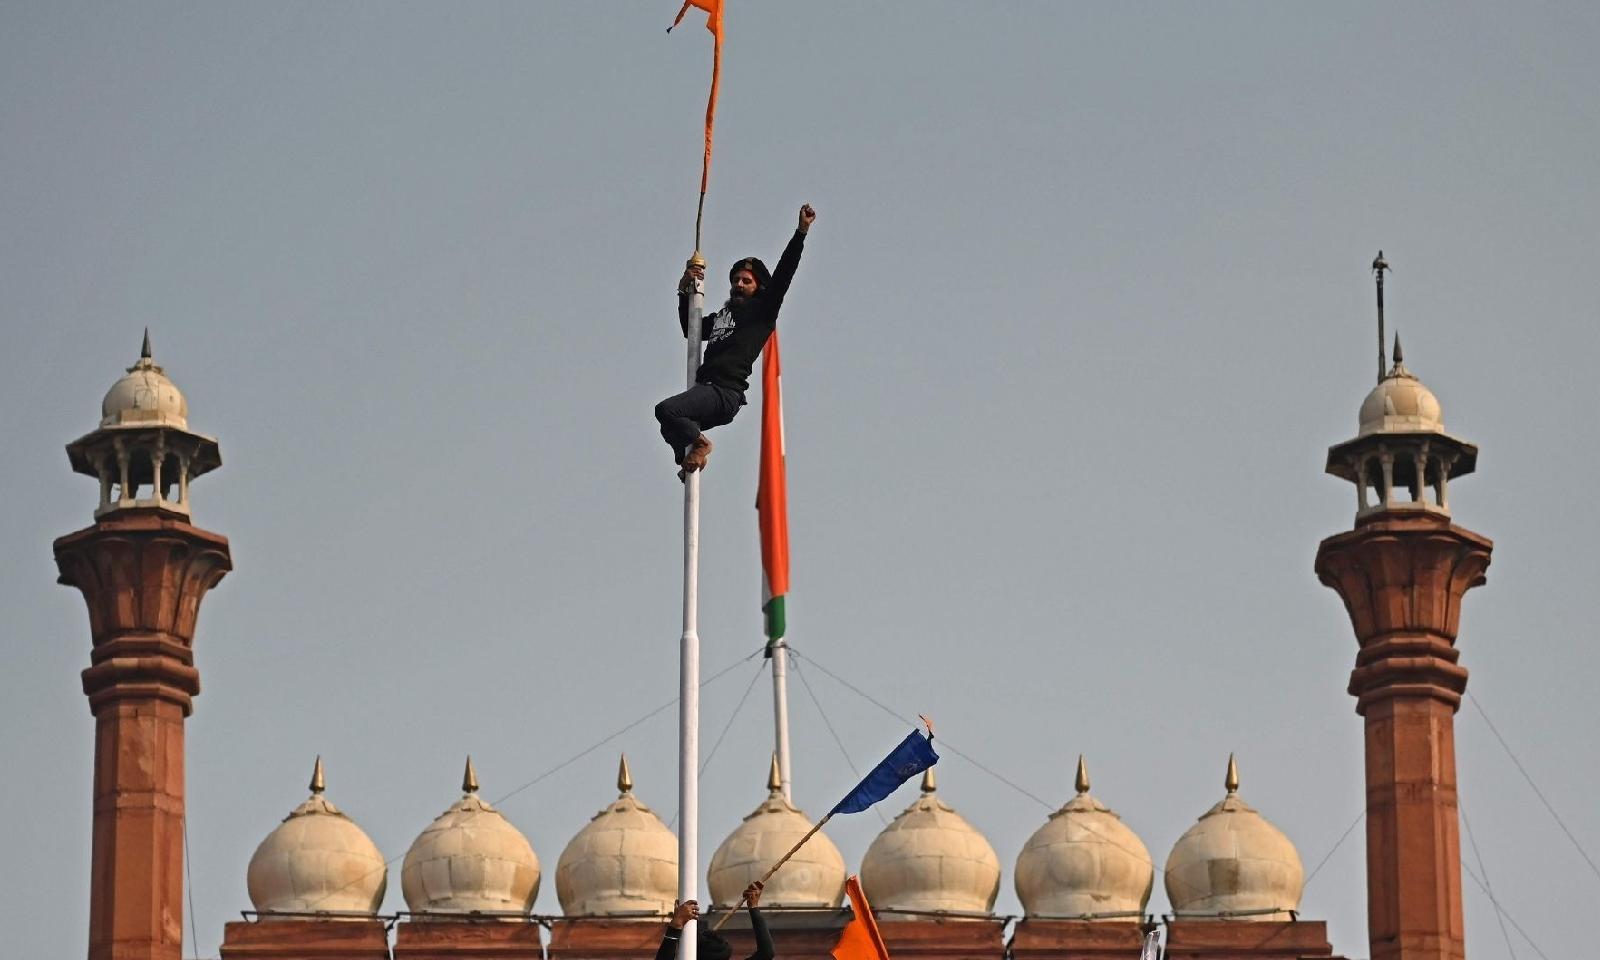 بھارتی کسانوں نے شدید احتجاج کرتے ہوئے لال قلعہ پر سکھوں کا مقدس جھنڈا لہرایا — فوٹو: اے ایف پی